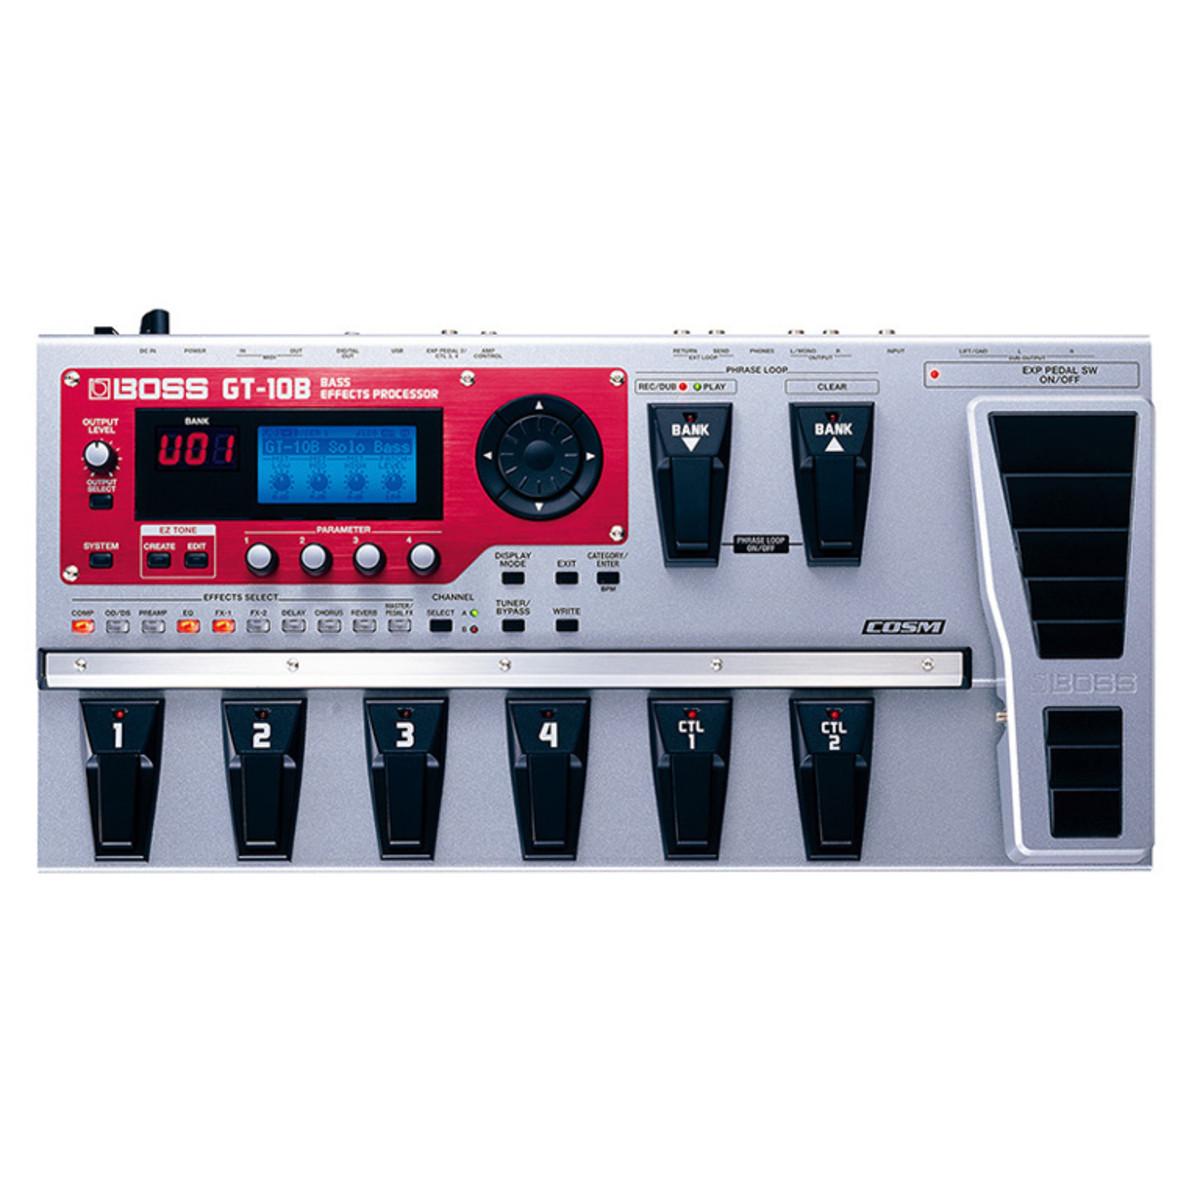 disc boss gt 10b bass guitar effects processor at gear4music com rh gear4music com gt-10b manual español gt-10b bass effects processor manual